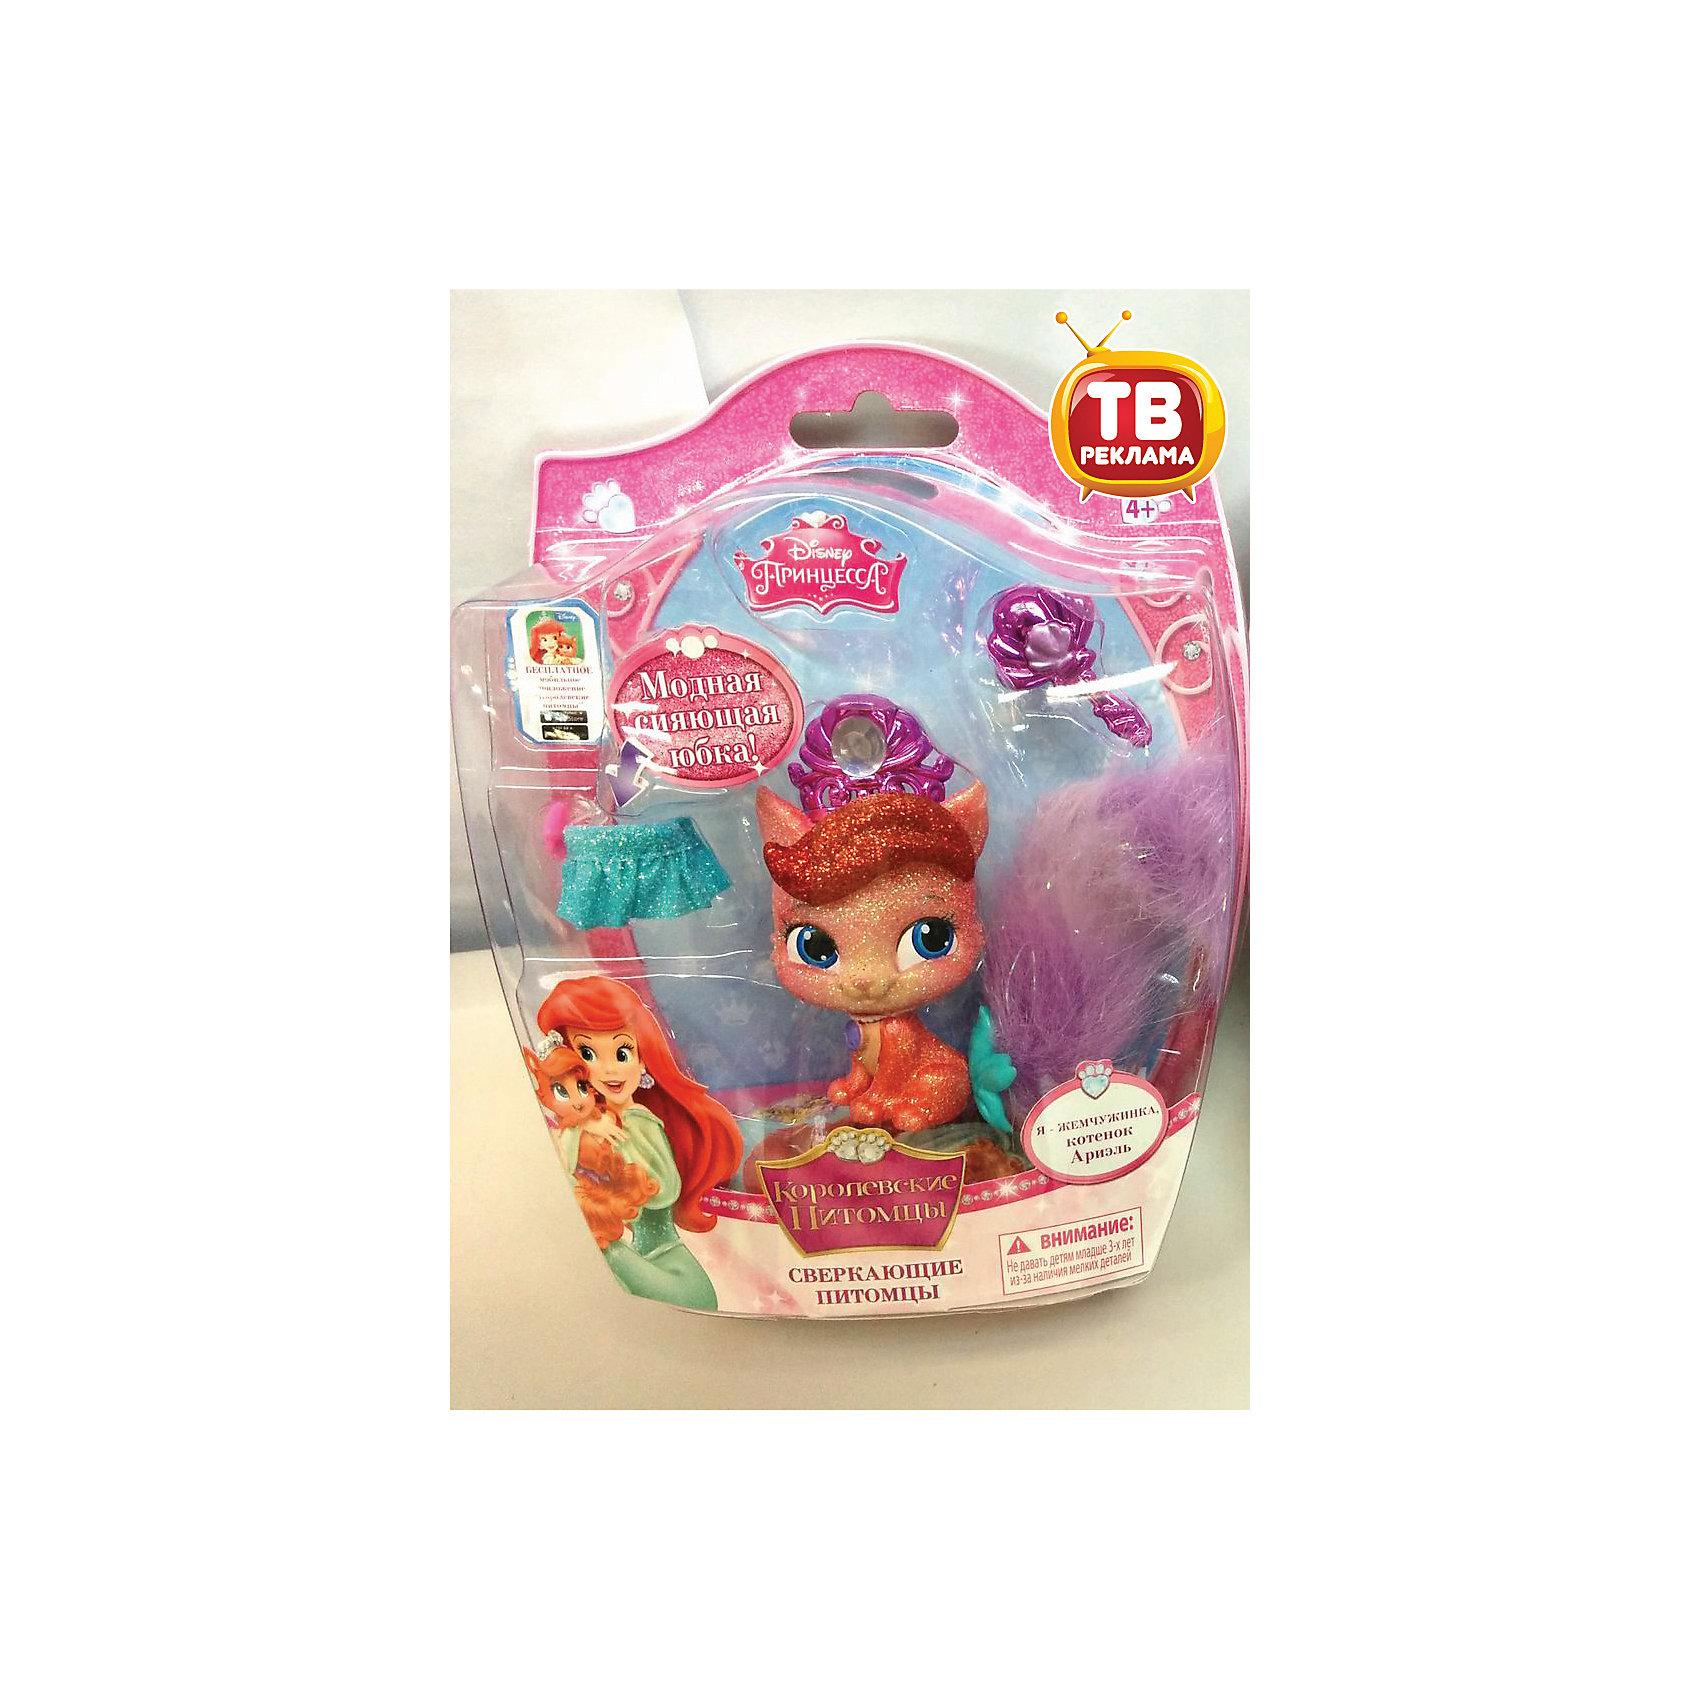 ������� ����������, (������� ������), � ������������, Palace Pets (Disney Princess)